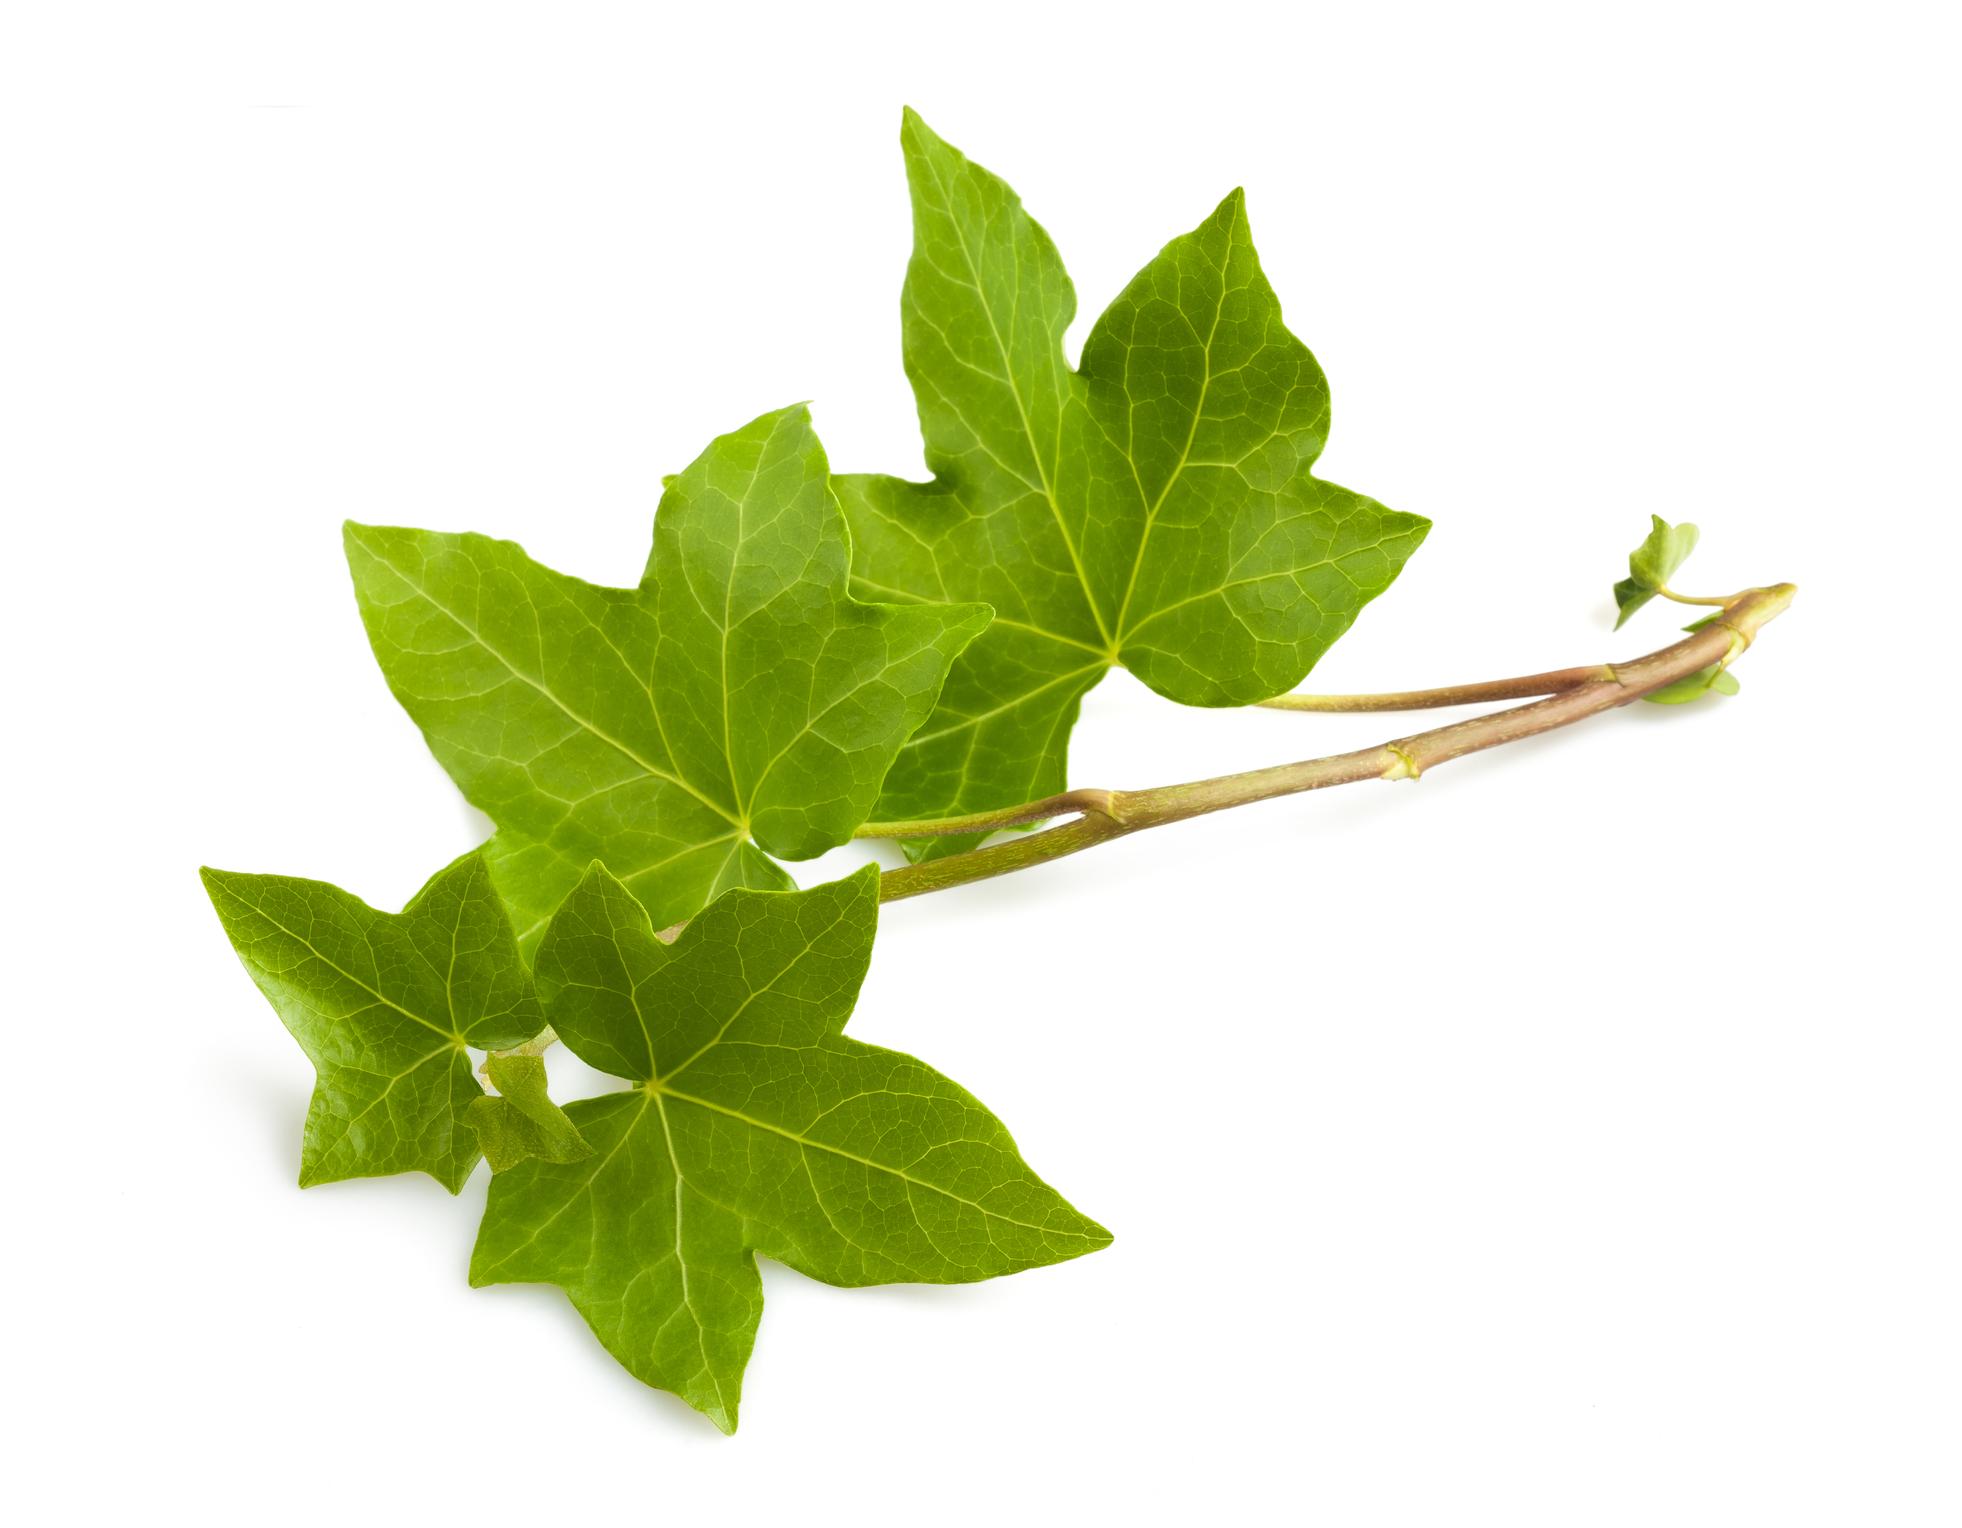 Κισσός, το φυτό που χρησιμοποιήθηκε για να τροποποιηθεί γενετικά και να απομακρύνει βλαβερές ουσίες από τον αέρα του σπιτιού